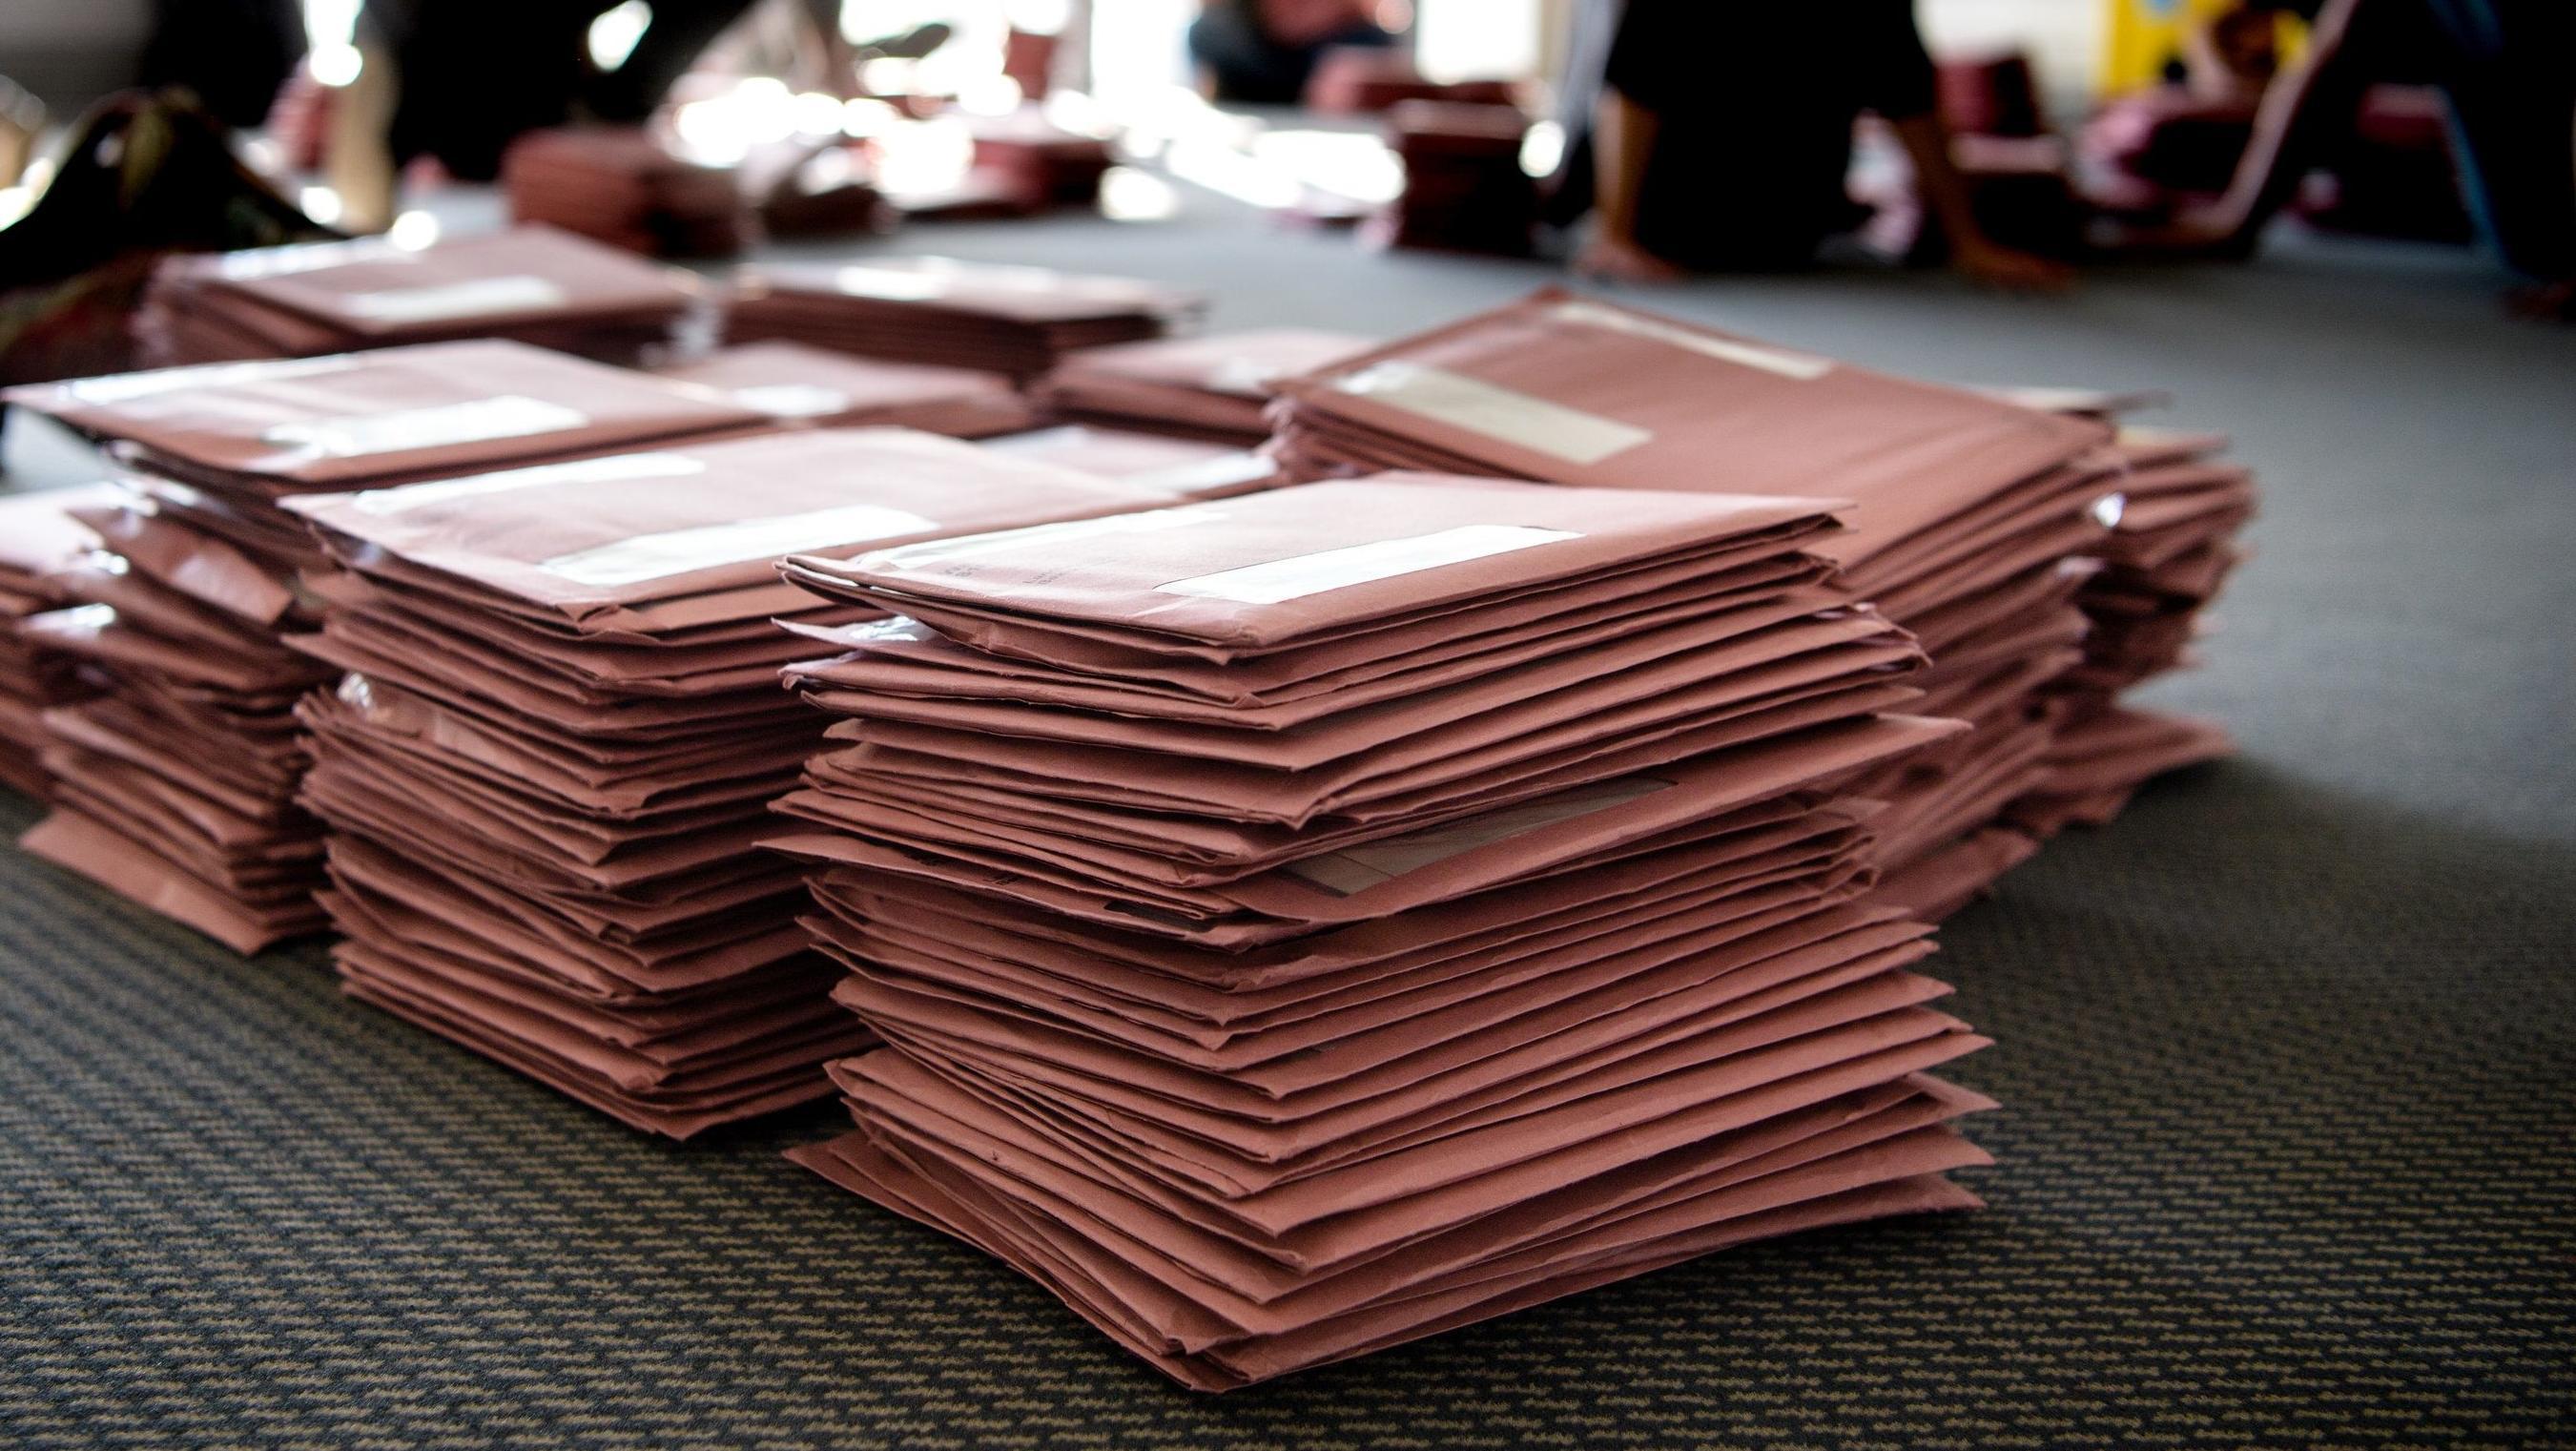 Briefwahlunterlagen liegen auf dem Boden